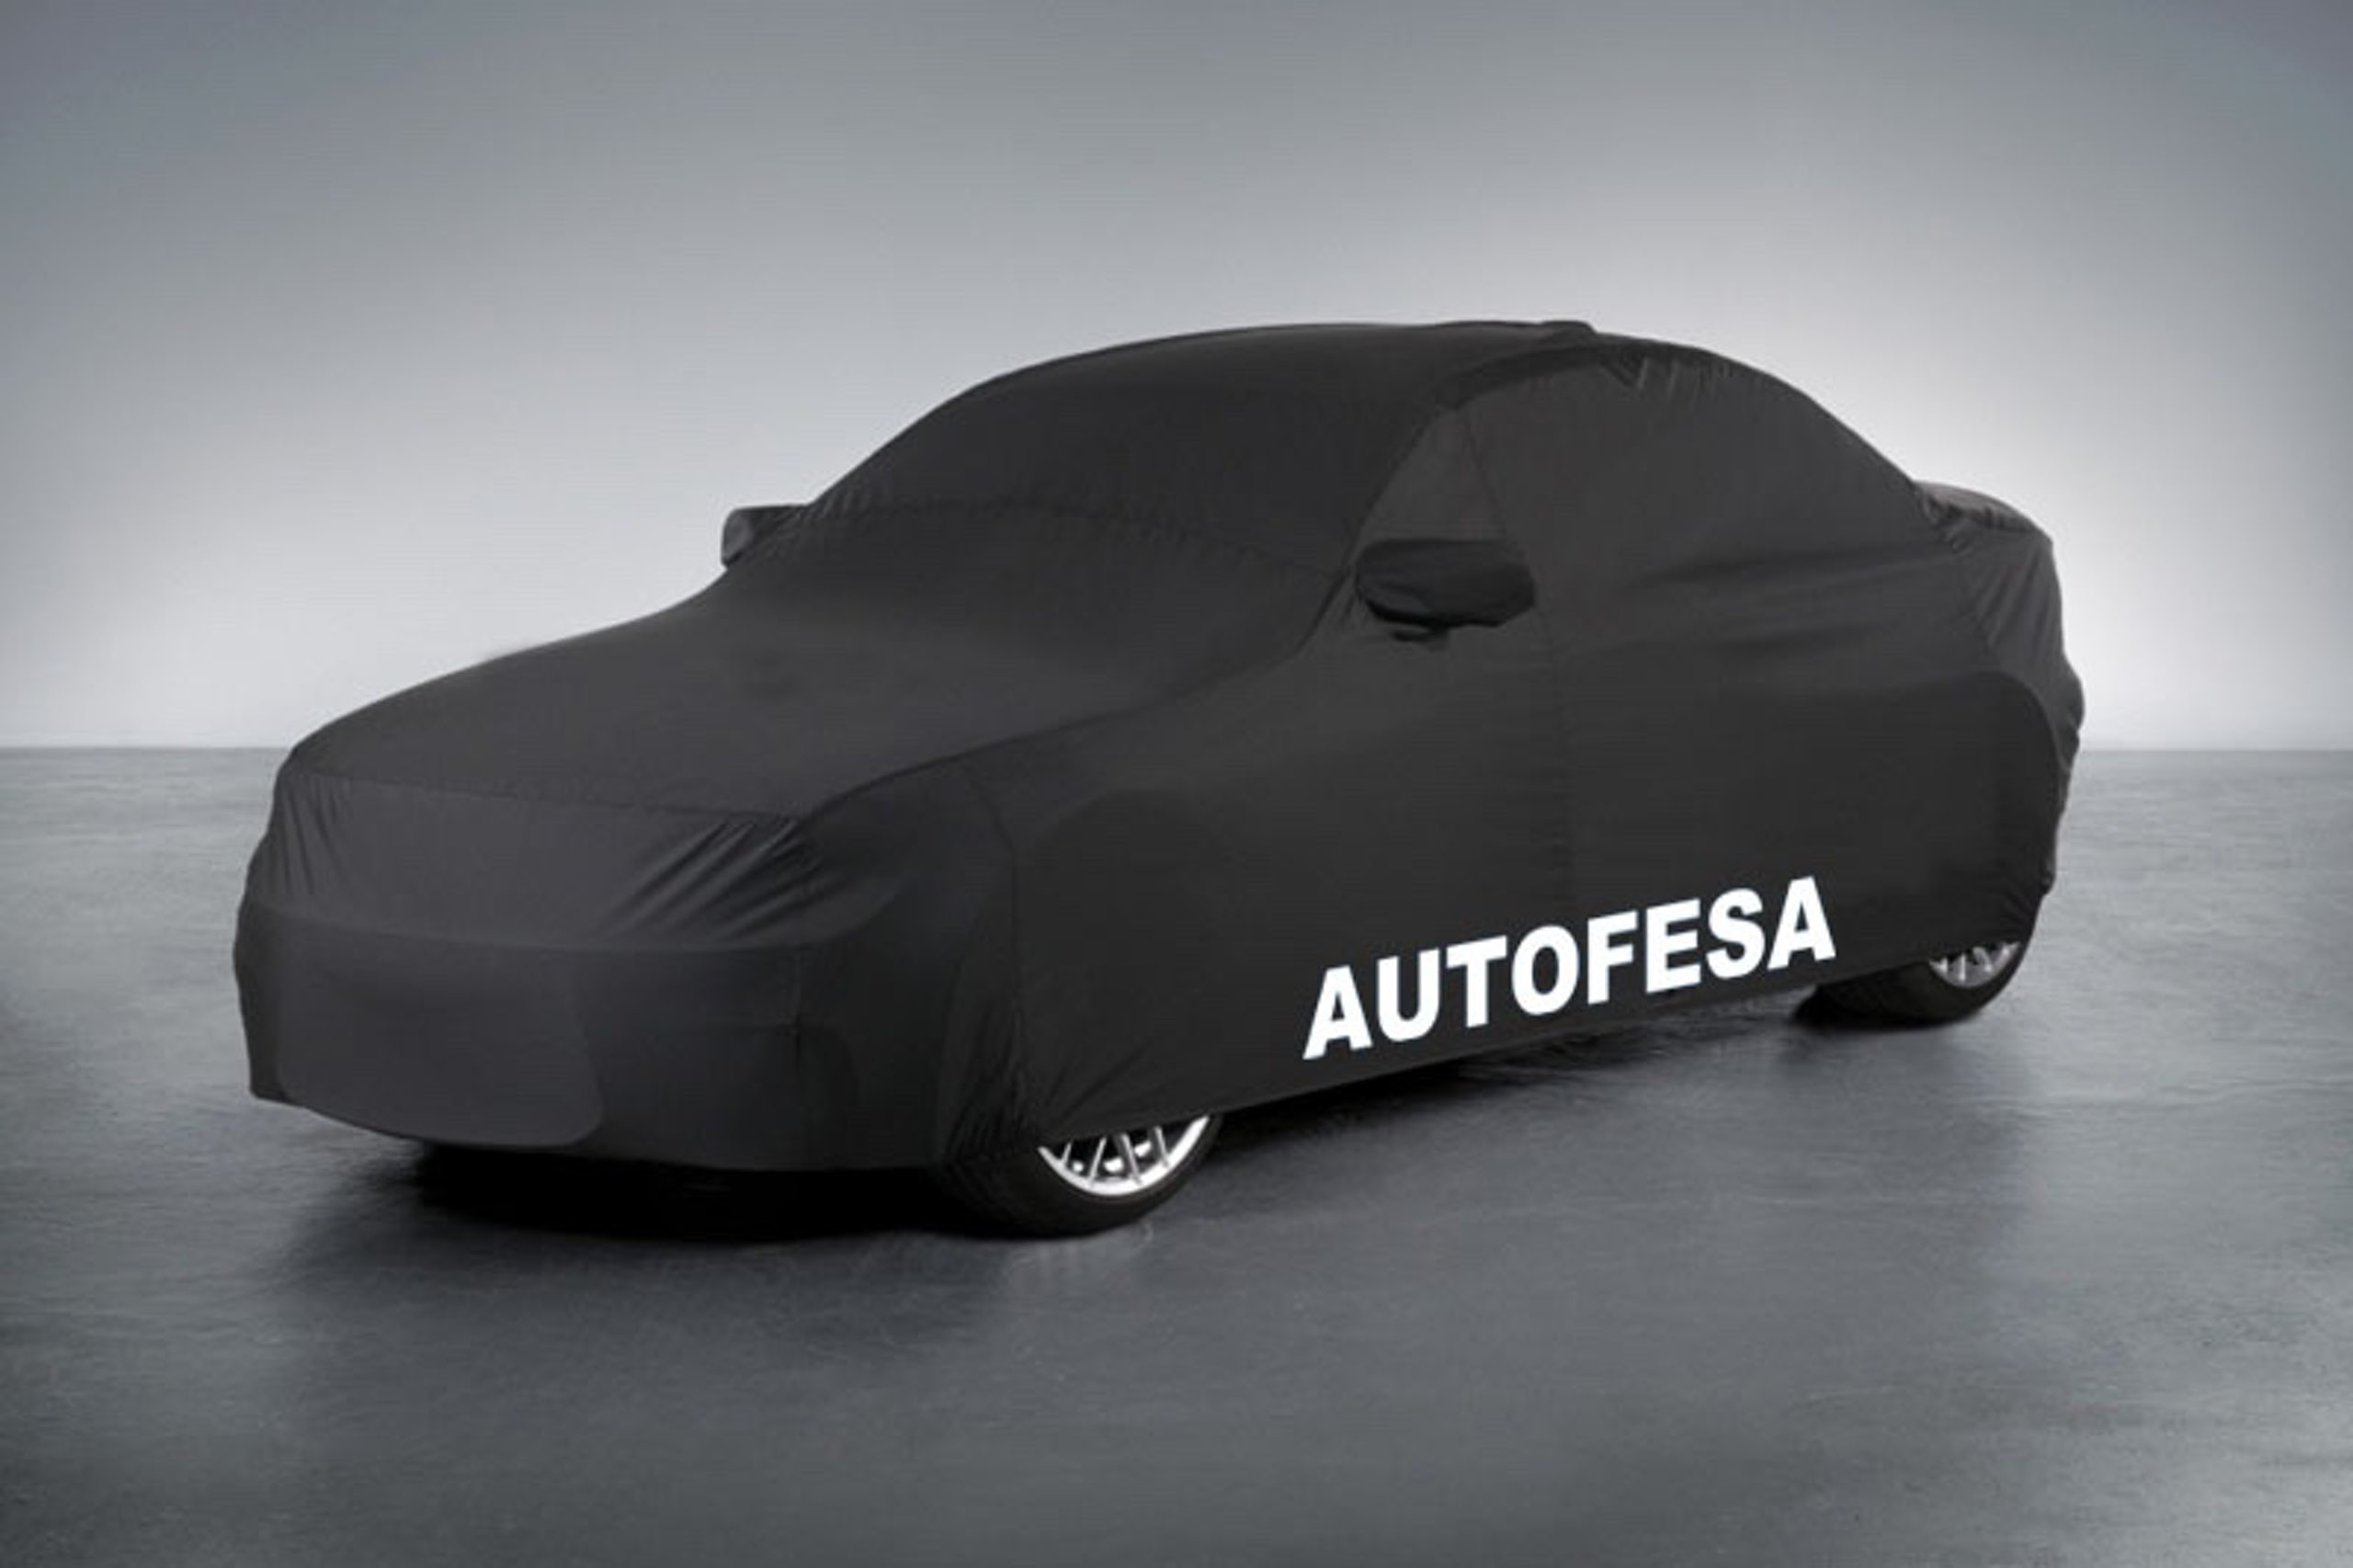 Audi A4 Avant 2.0 TDI 150cv Auto 5p S/S - Foto 37